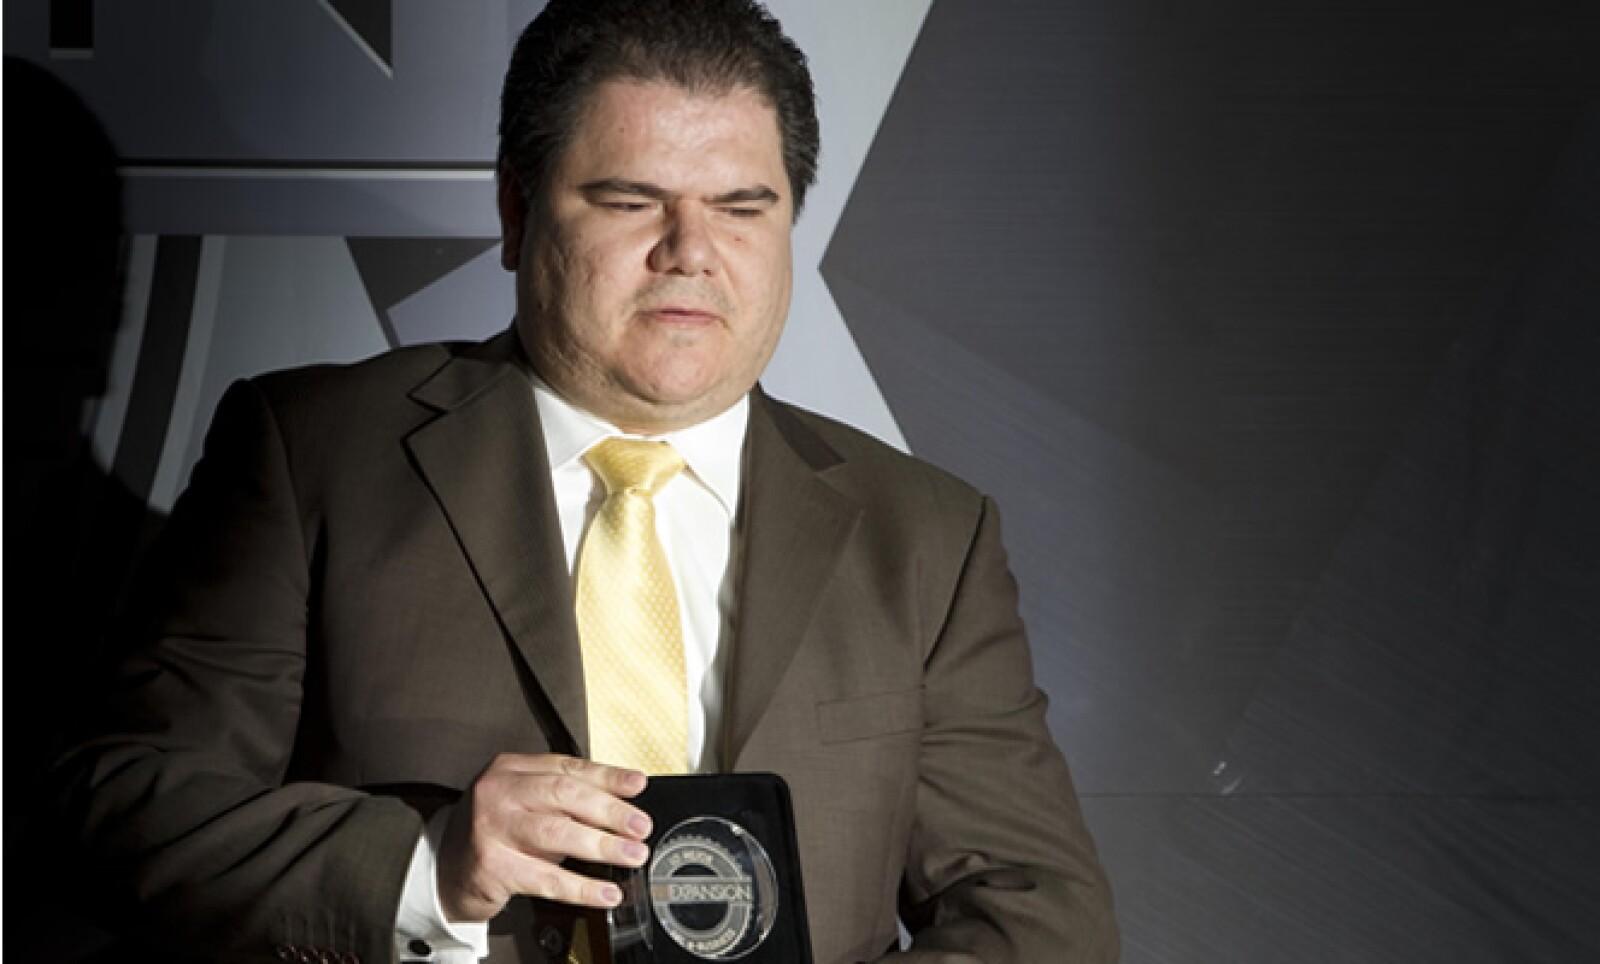 El Secretario de Finanzas del Distrito Federal, Armando López Cárdenas, recibió el premio en representación del portal de su dependencia, el cual ganó en la categoría 'e-Gobierno'.